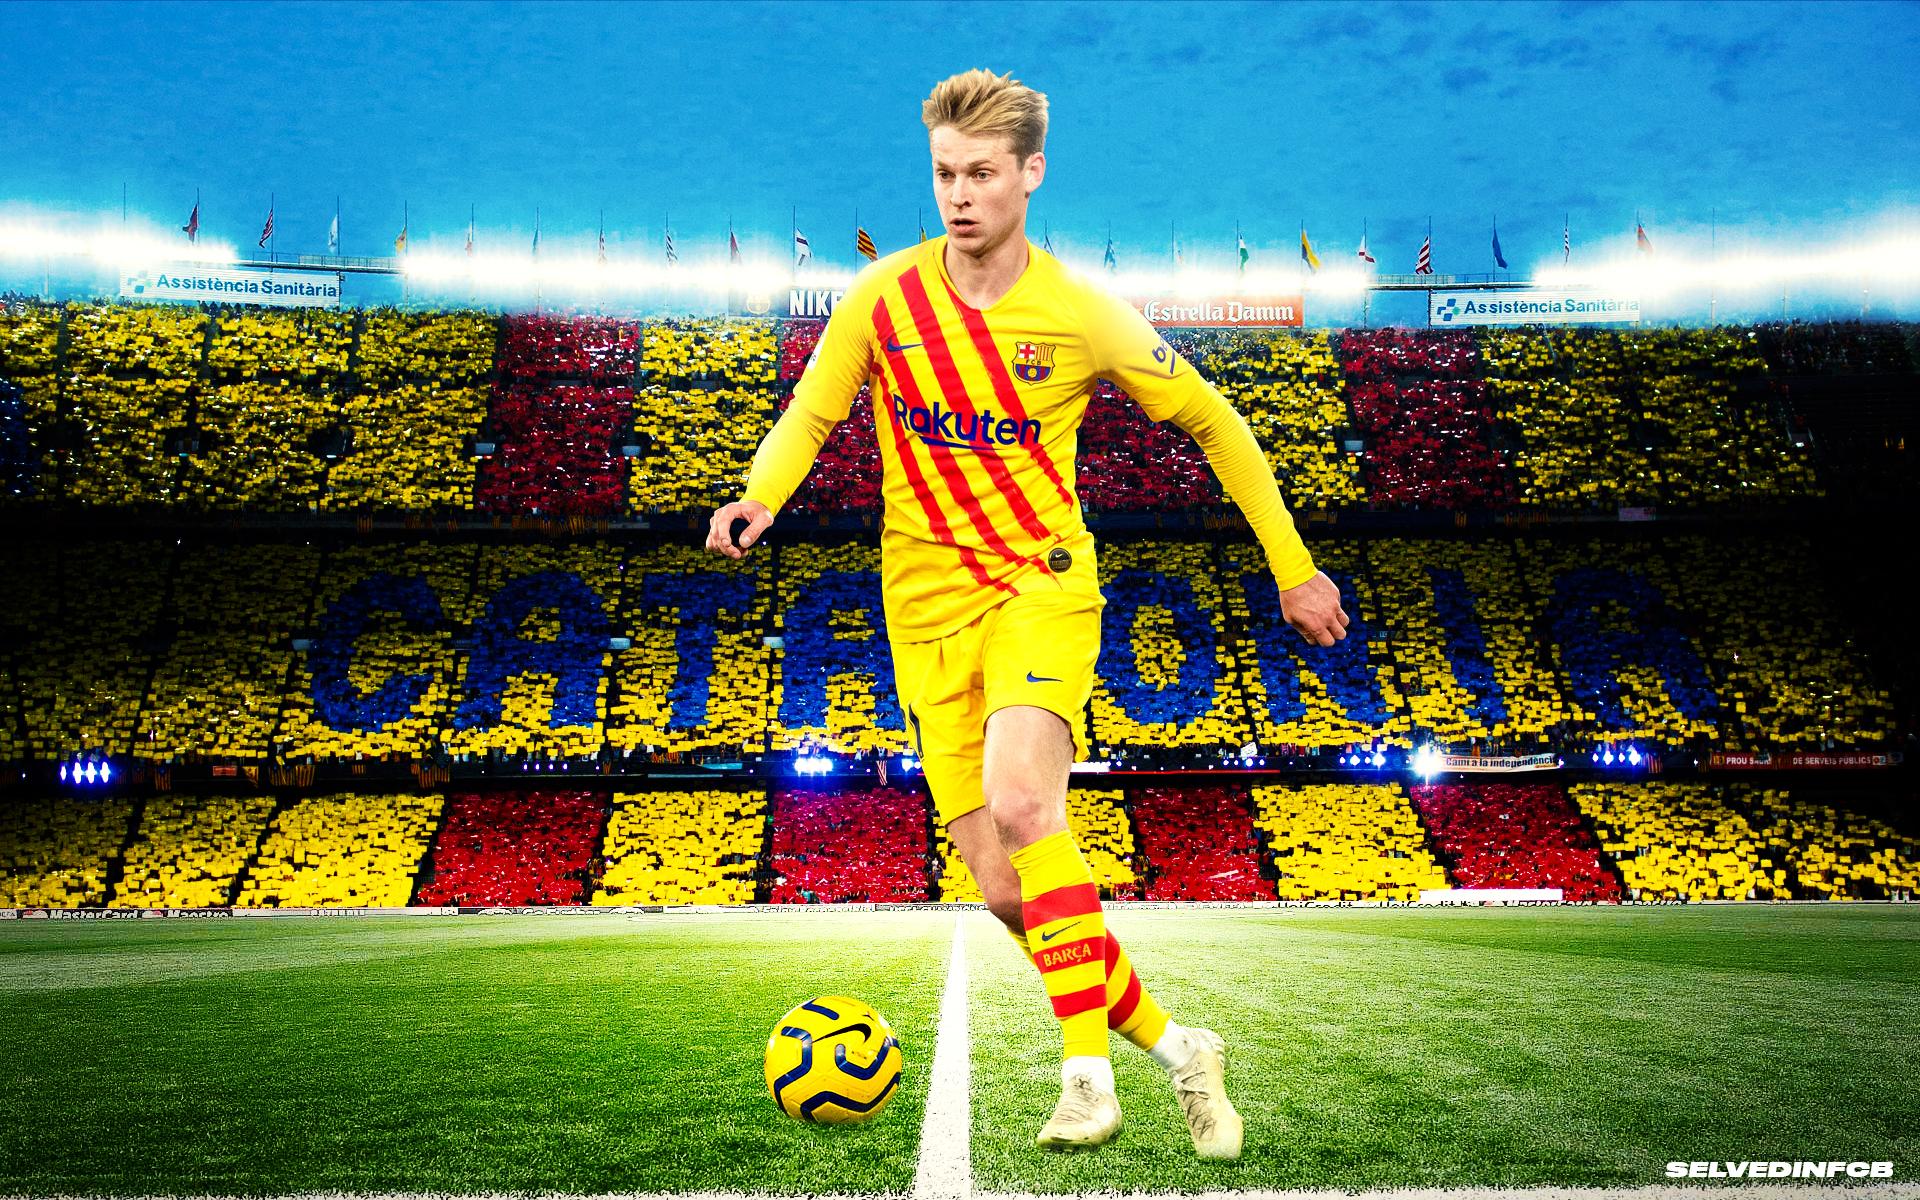 Frenkie De Jong Fc Barcelona Wallpaper 2020 By Selvedinfcb On Deviantart